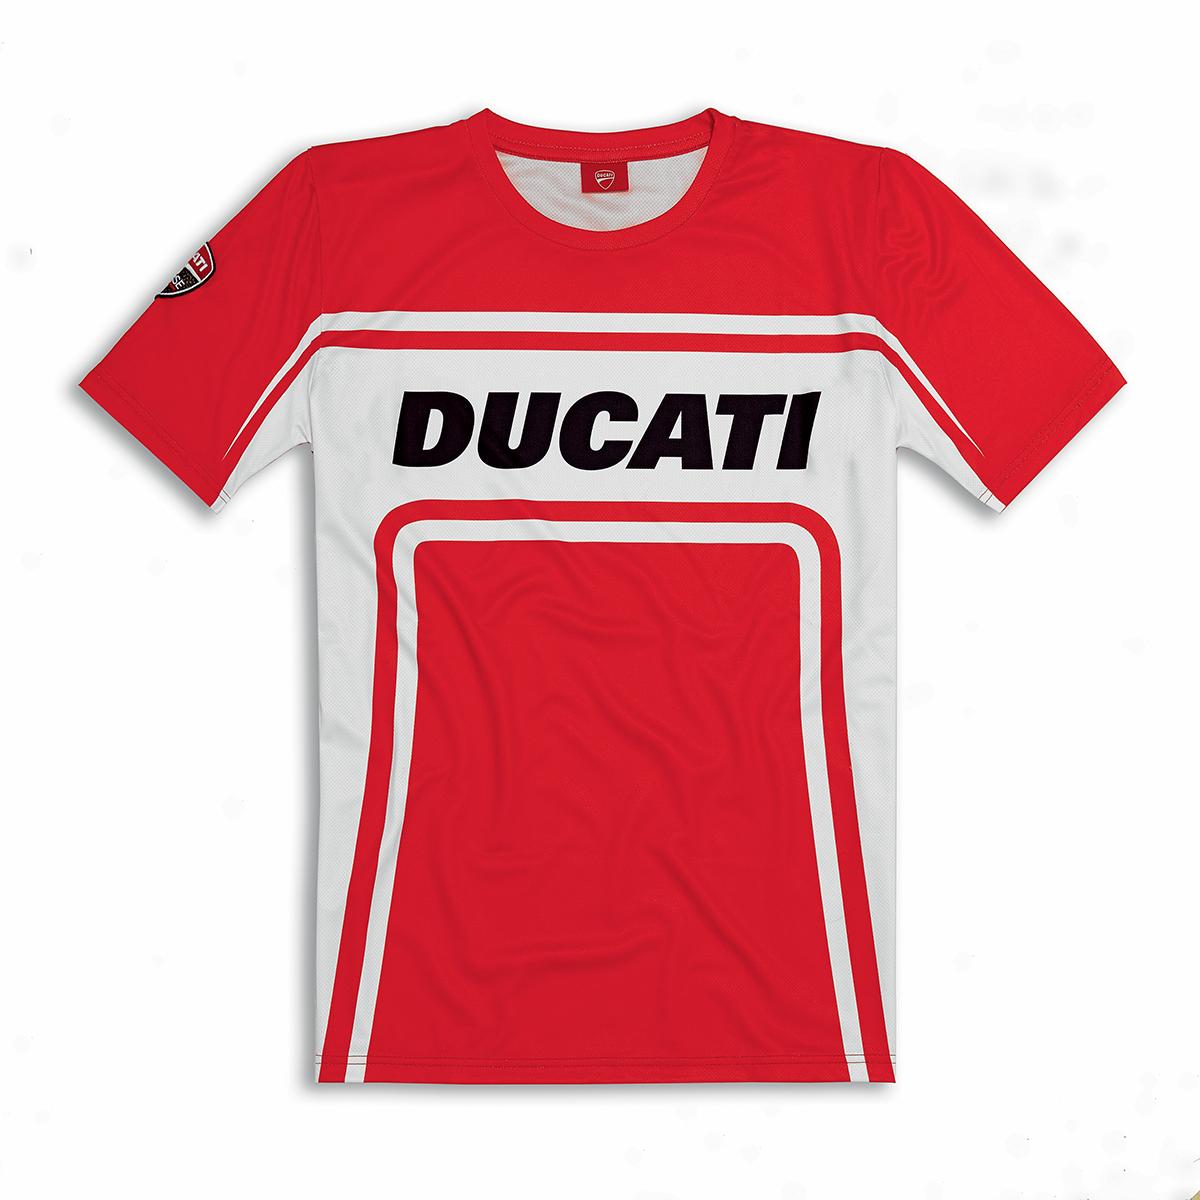 98769408_ridurre logo Ducati nero